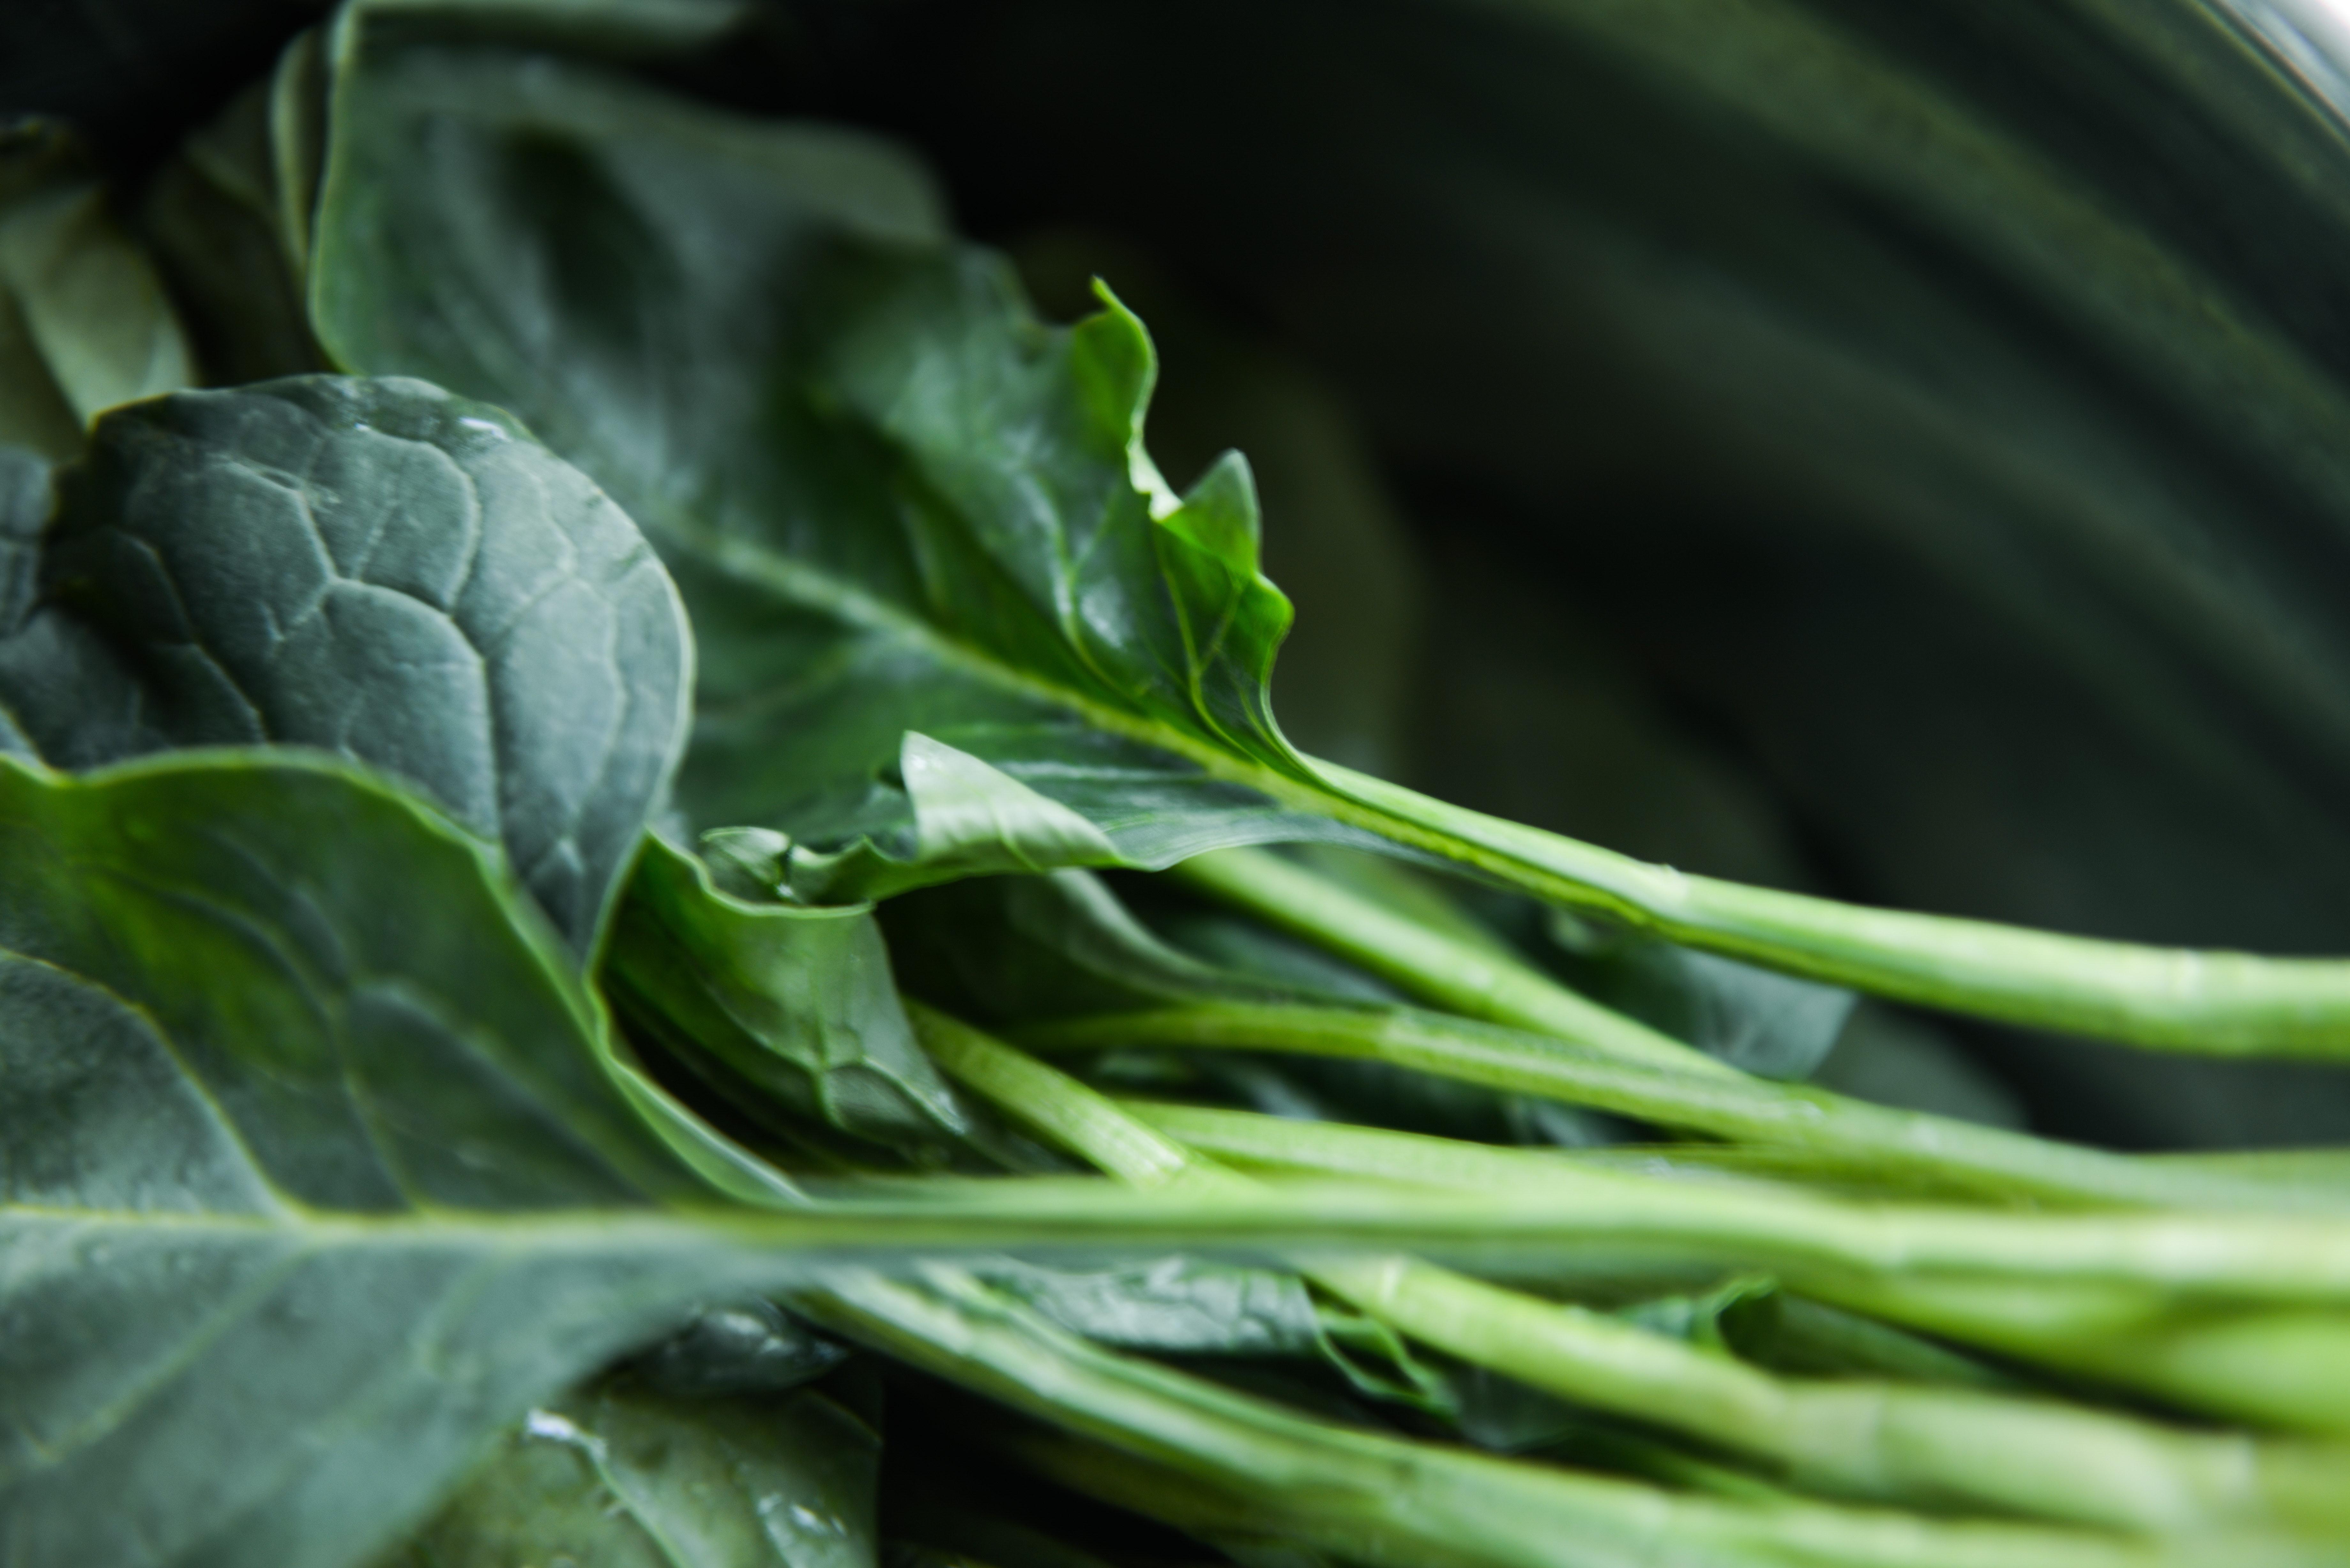 改进数据采集方法 农科院提升农残筛查效率